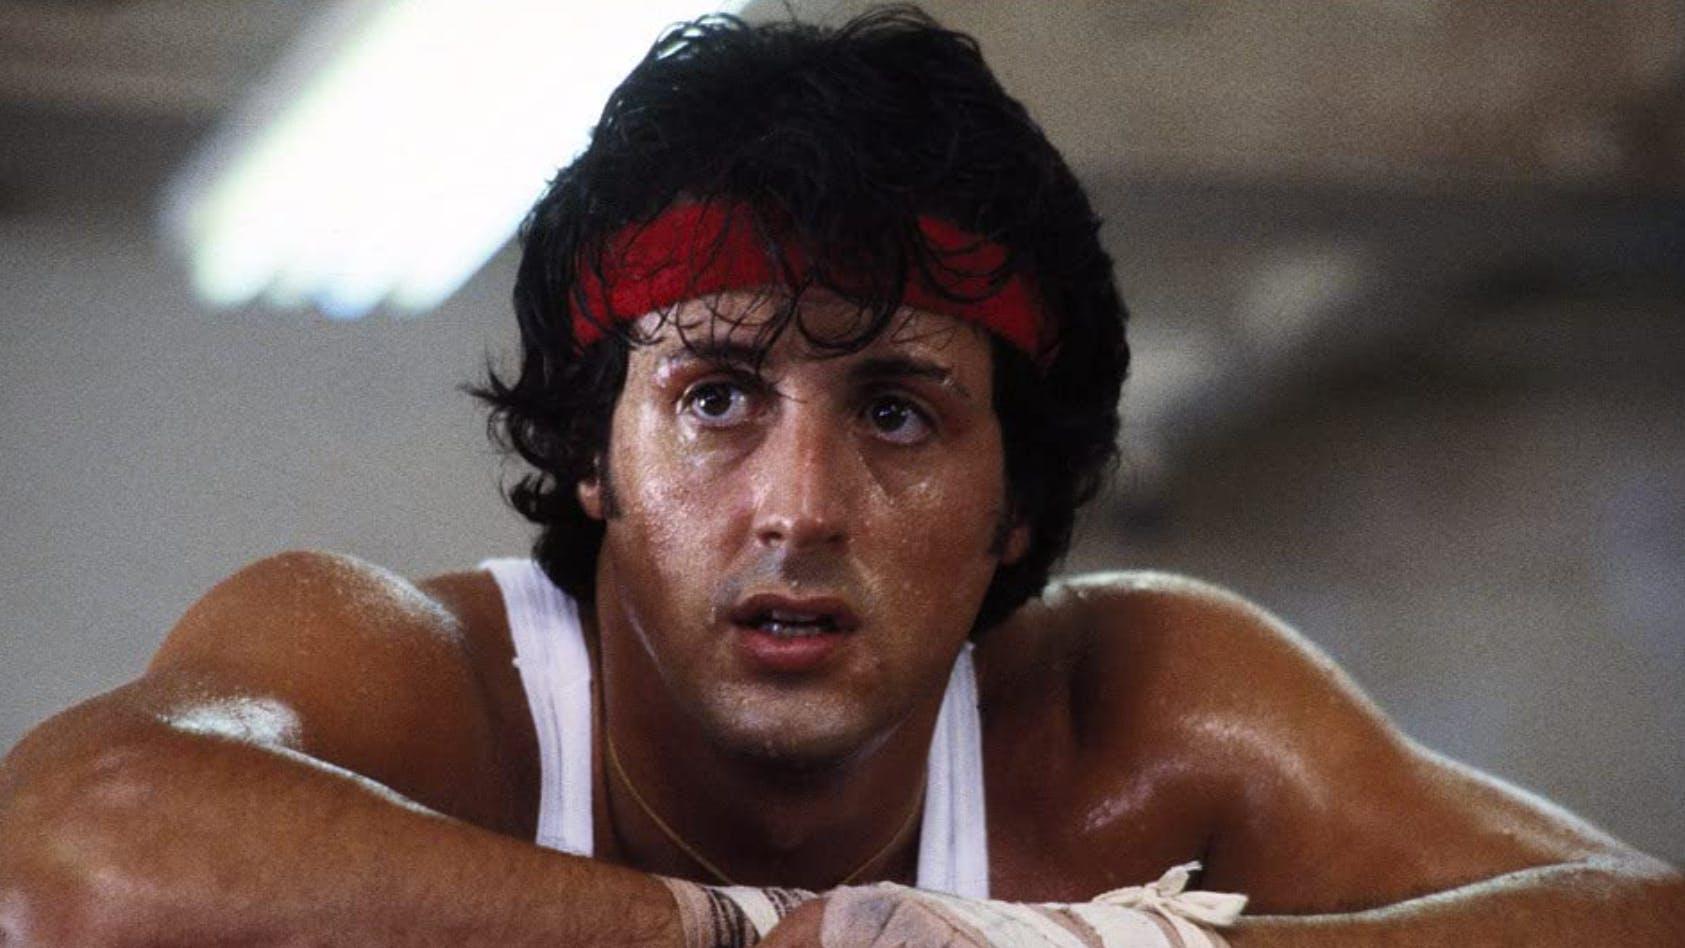 «Rocky II» (1979): «Was sind ihre Gedanken zur ersten Runde?» – «Weiss nicht. Dass ich in der Schule hätte bleiben sollen?» – «Denken Sie, Sie haben einen Hirnschaden?» – «Ich sehe keinen.» Rocky kriegt darin gehörig aufs Dach. Stallone war im zweiten Teil 33 Jahre alt.